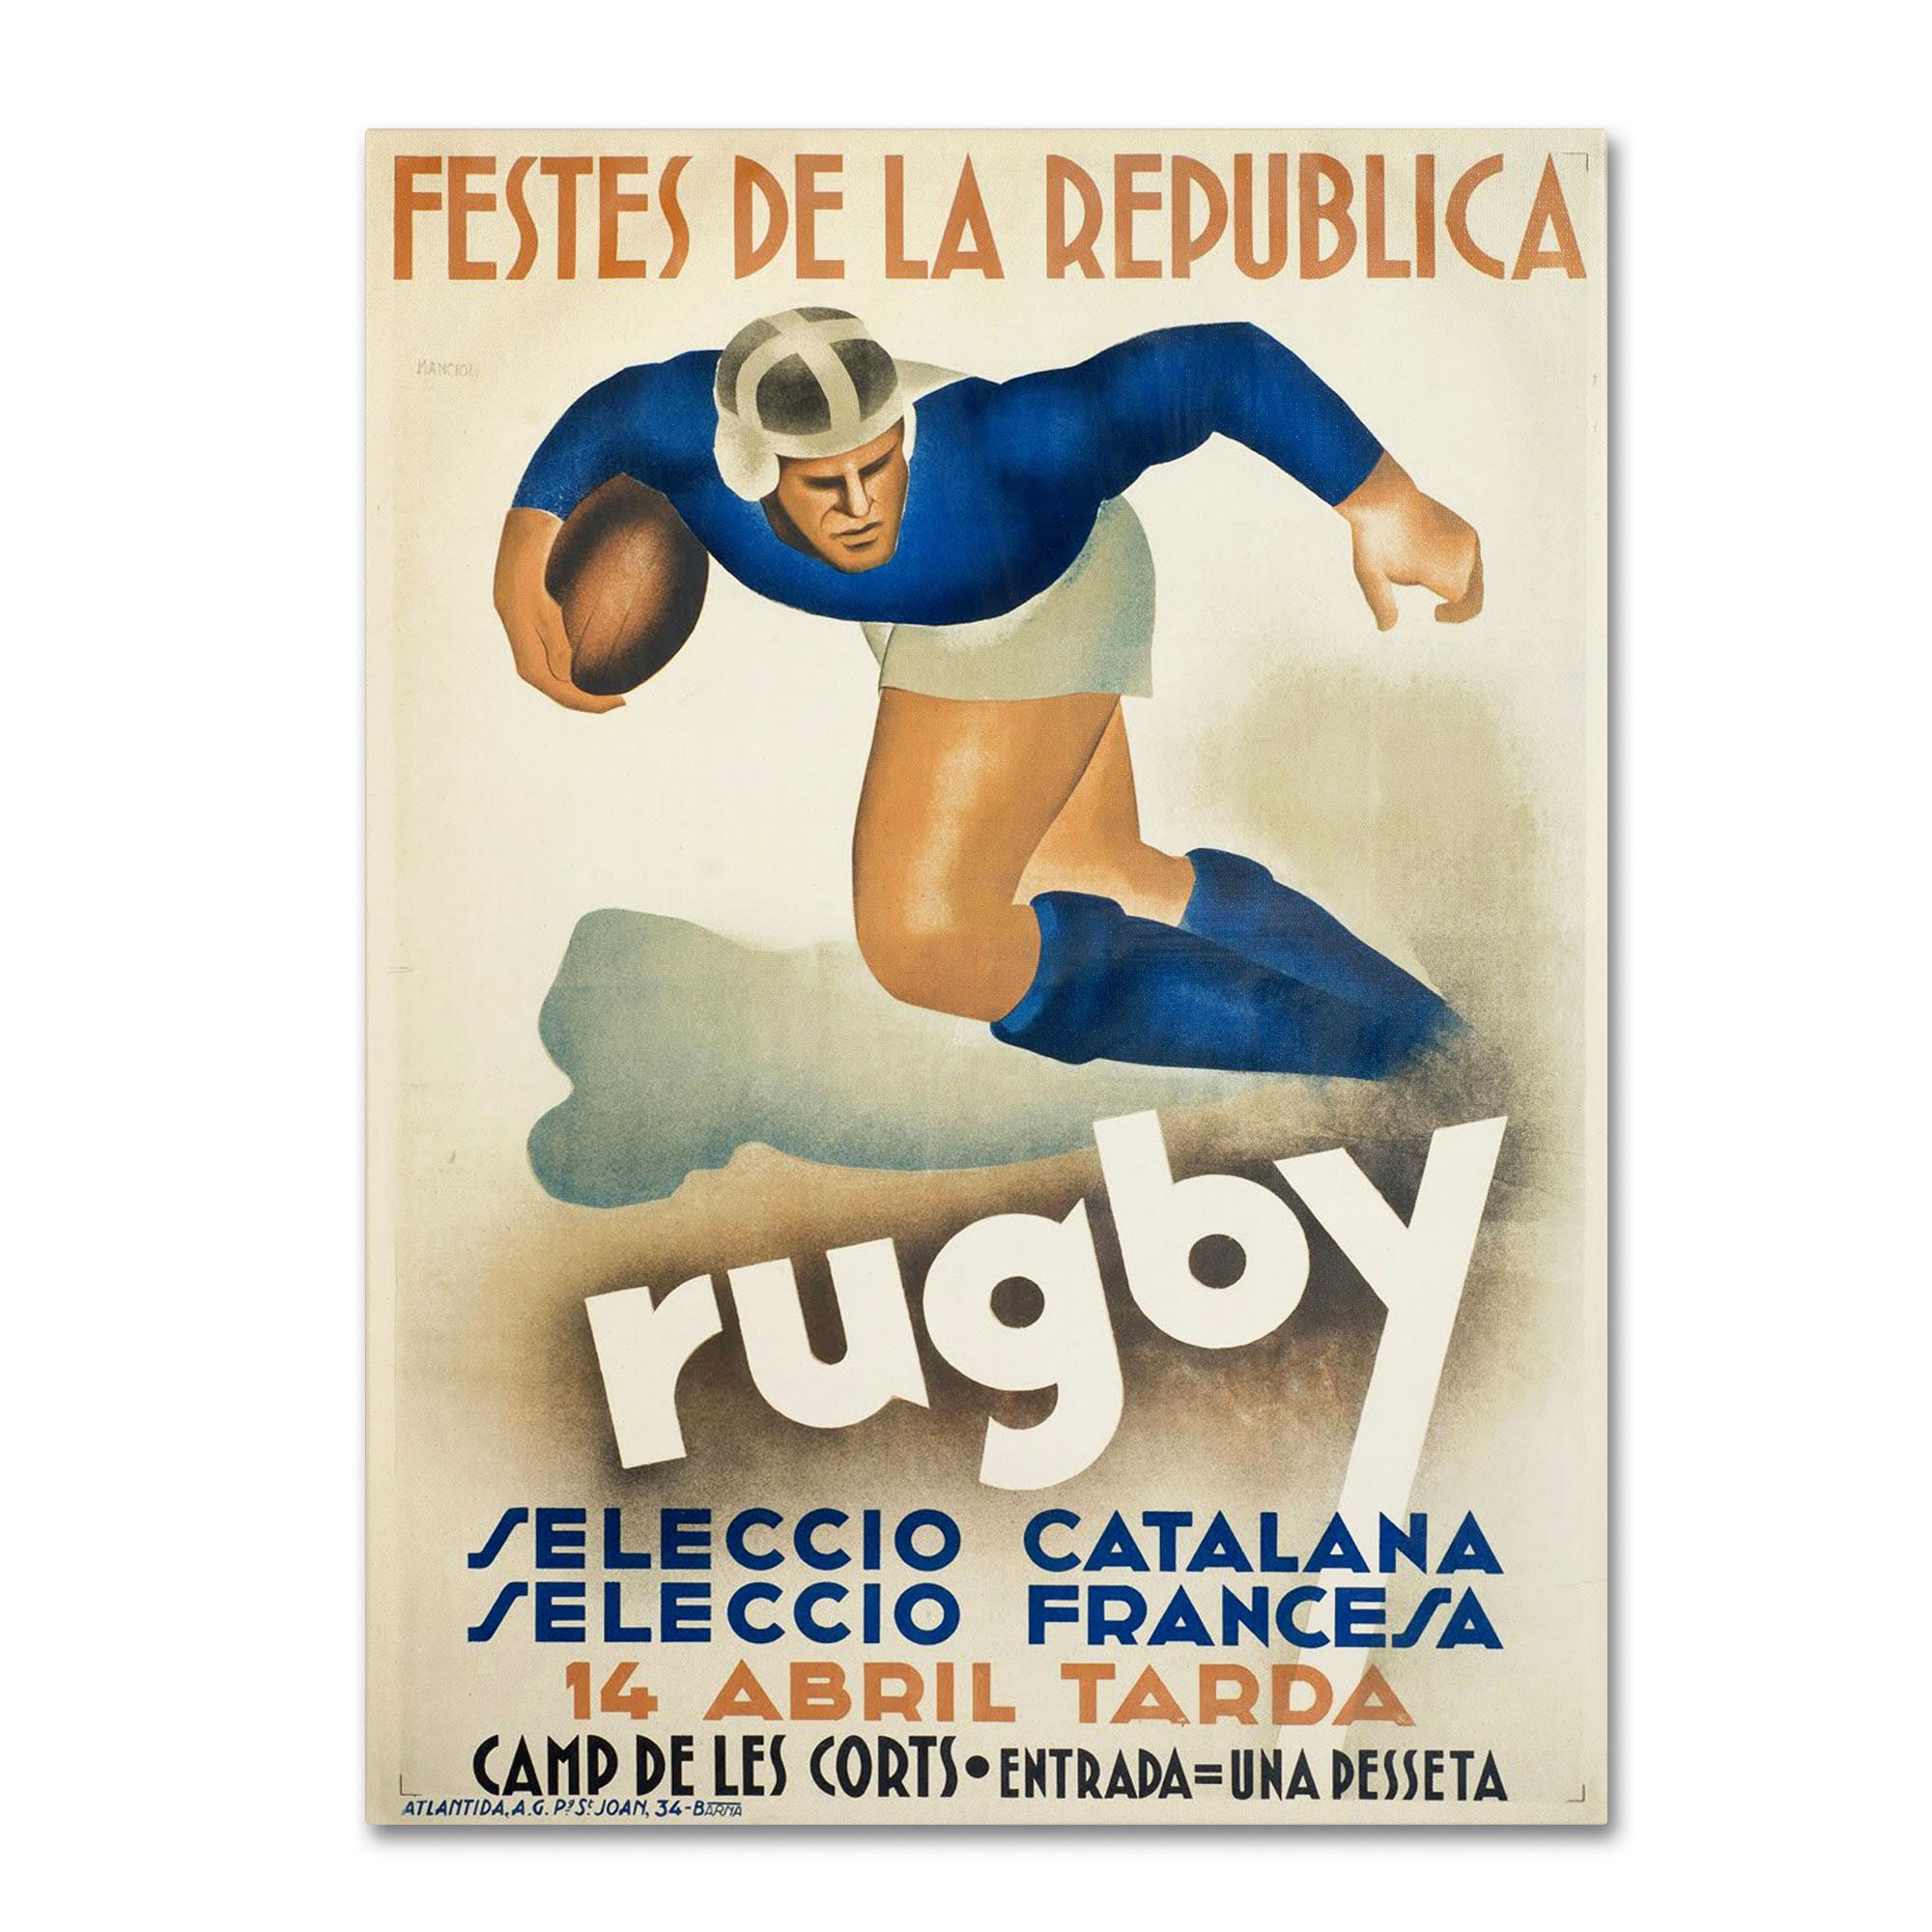 Festes de la Republica  Rugby  Selecció catalana - Selecció francesa  14 abril tarda  Camp de Les Corts  Entrada=una pesseta